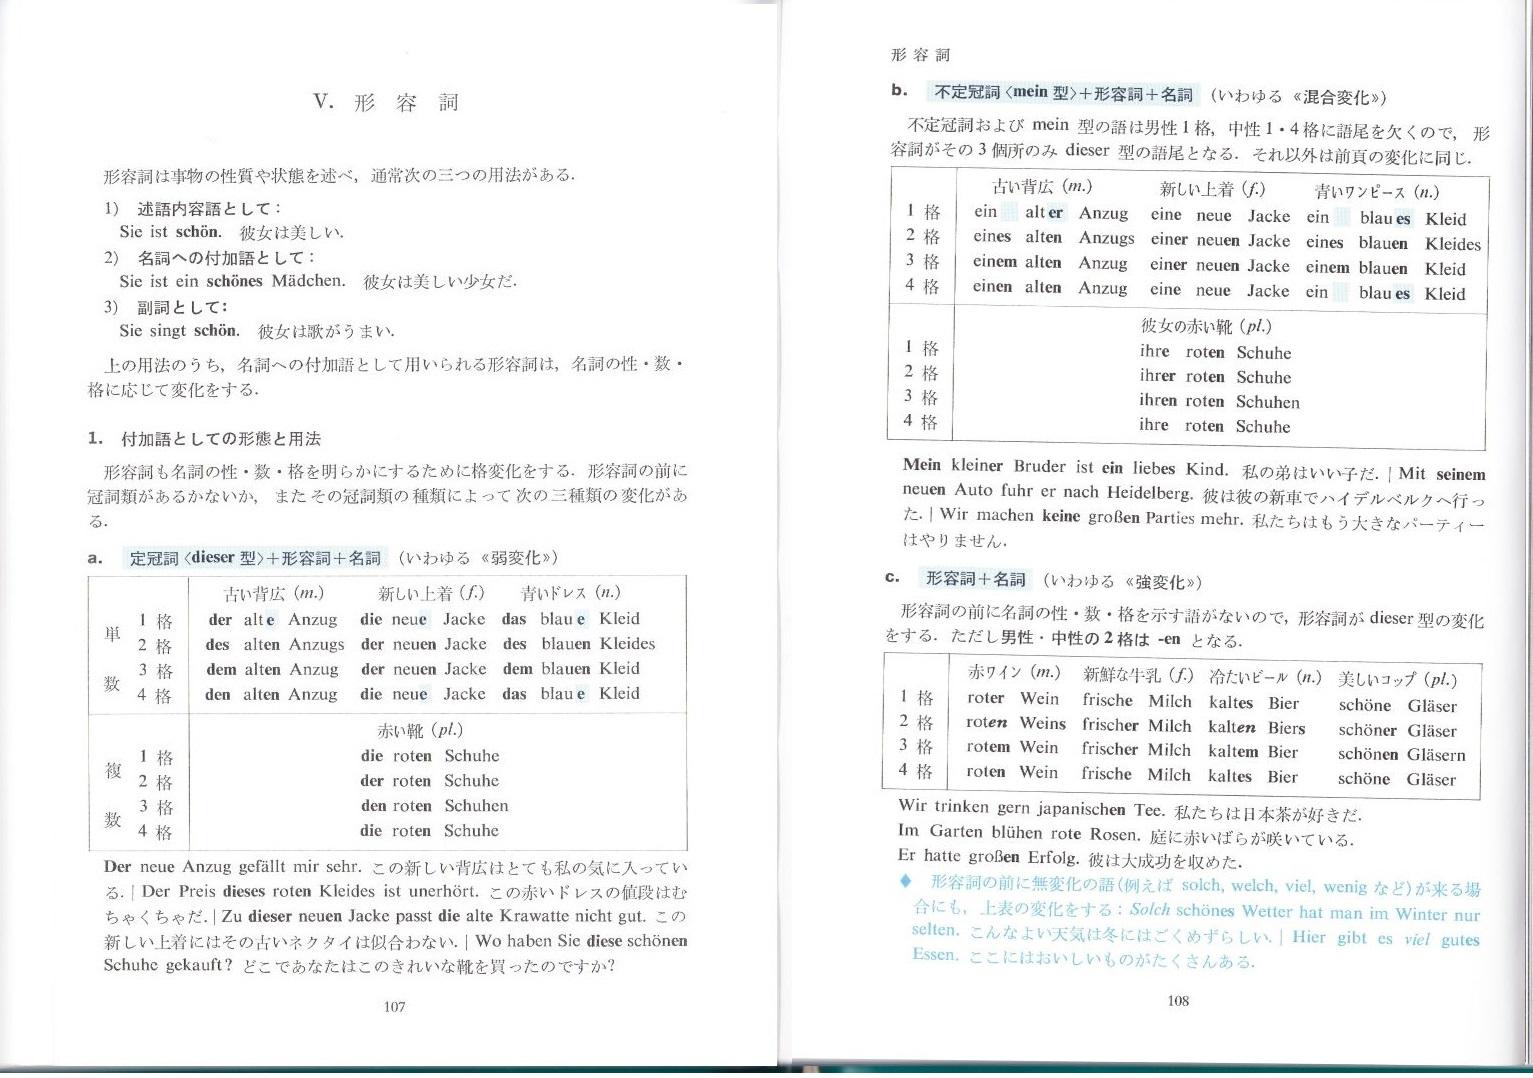 独スト2 -「必携ドイツ文法総まとめ」で形容詞変化の謎を解く(15年10月22日)_c0059093_15573442.jpg